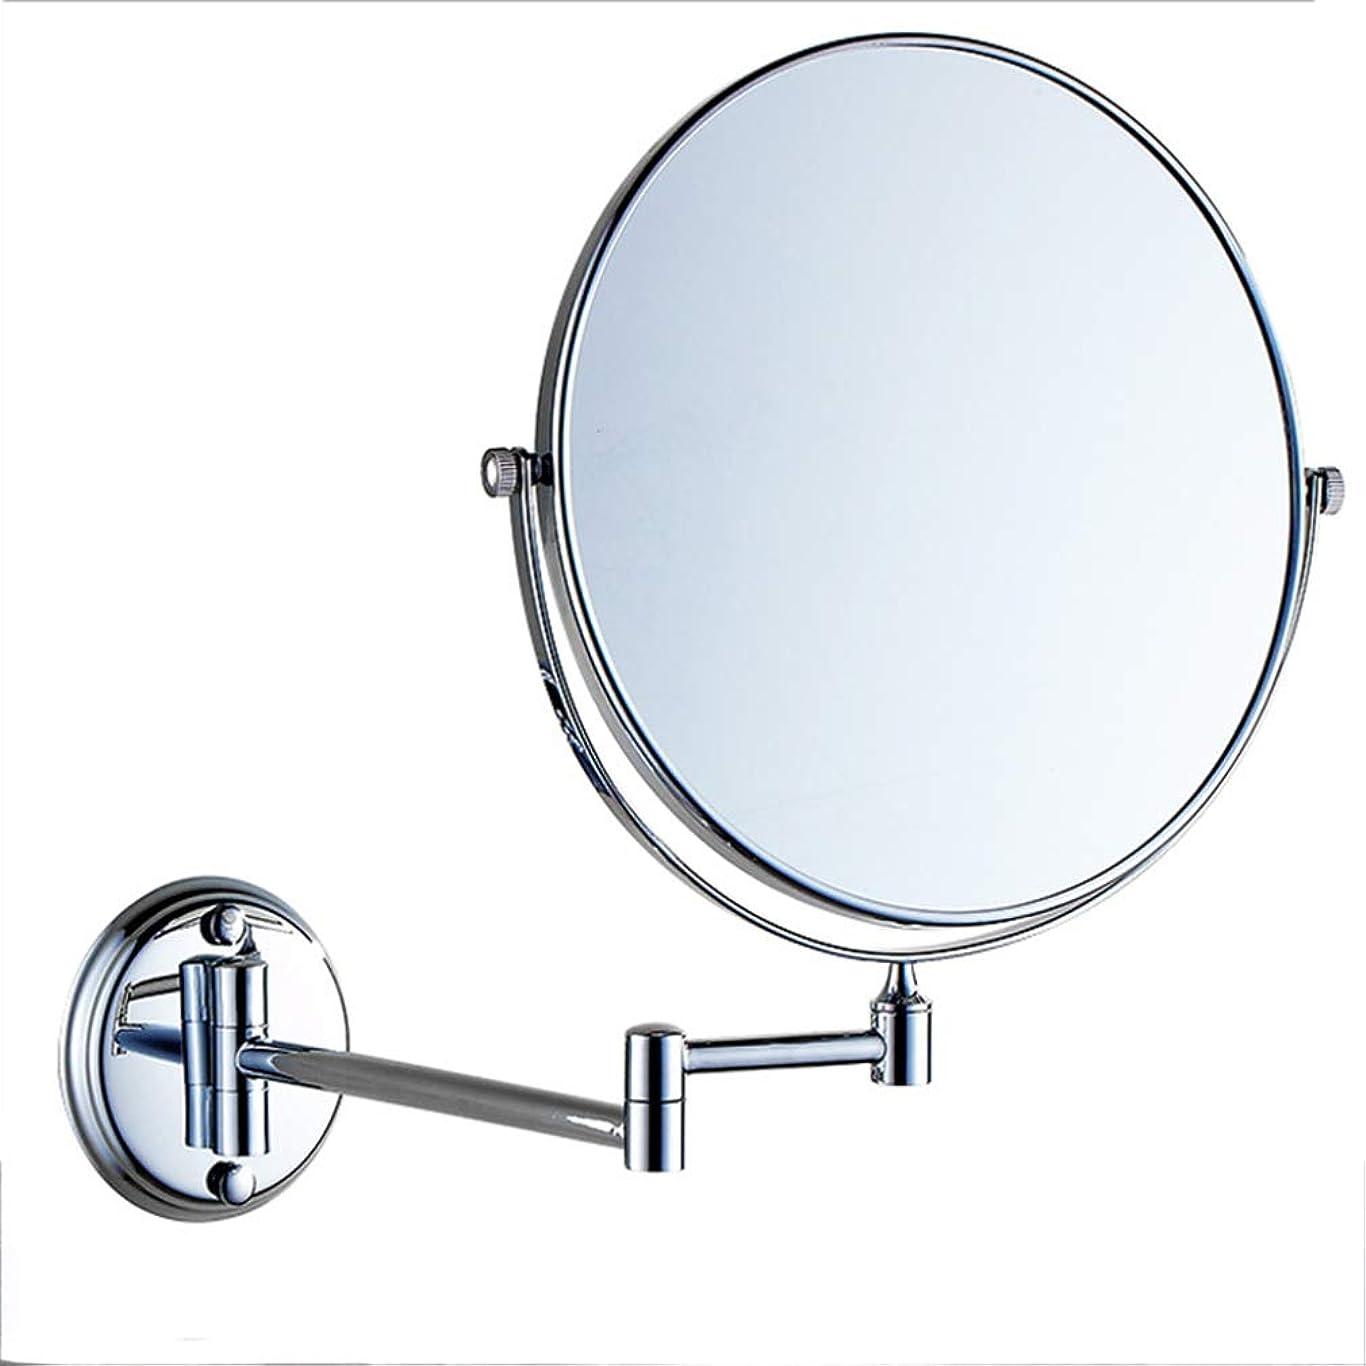 情熱機械的につかむHUYYA 化粧鏡、両面 壁掛け式 化粧ミラー 3倍拡大 けメイクミラー 360 °回転 伸縮可能折りバスルームの鏡,Silver_8inch